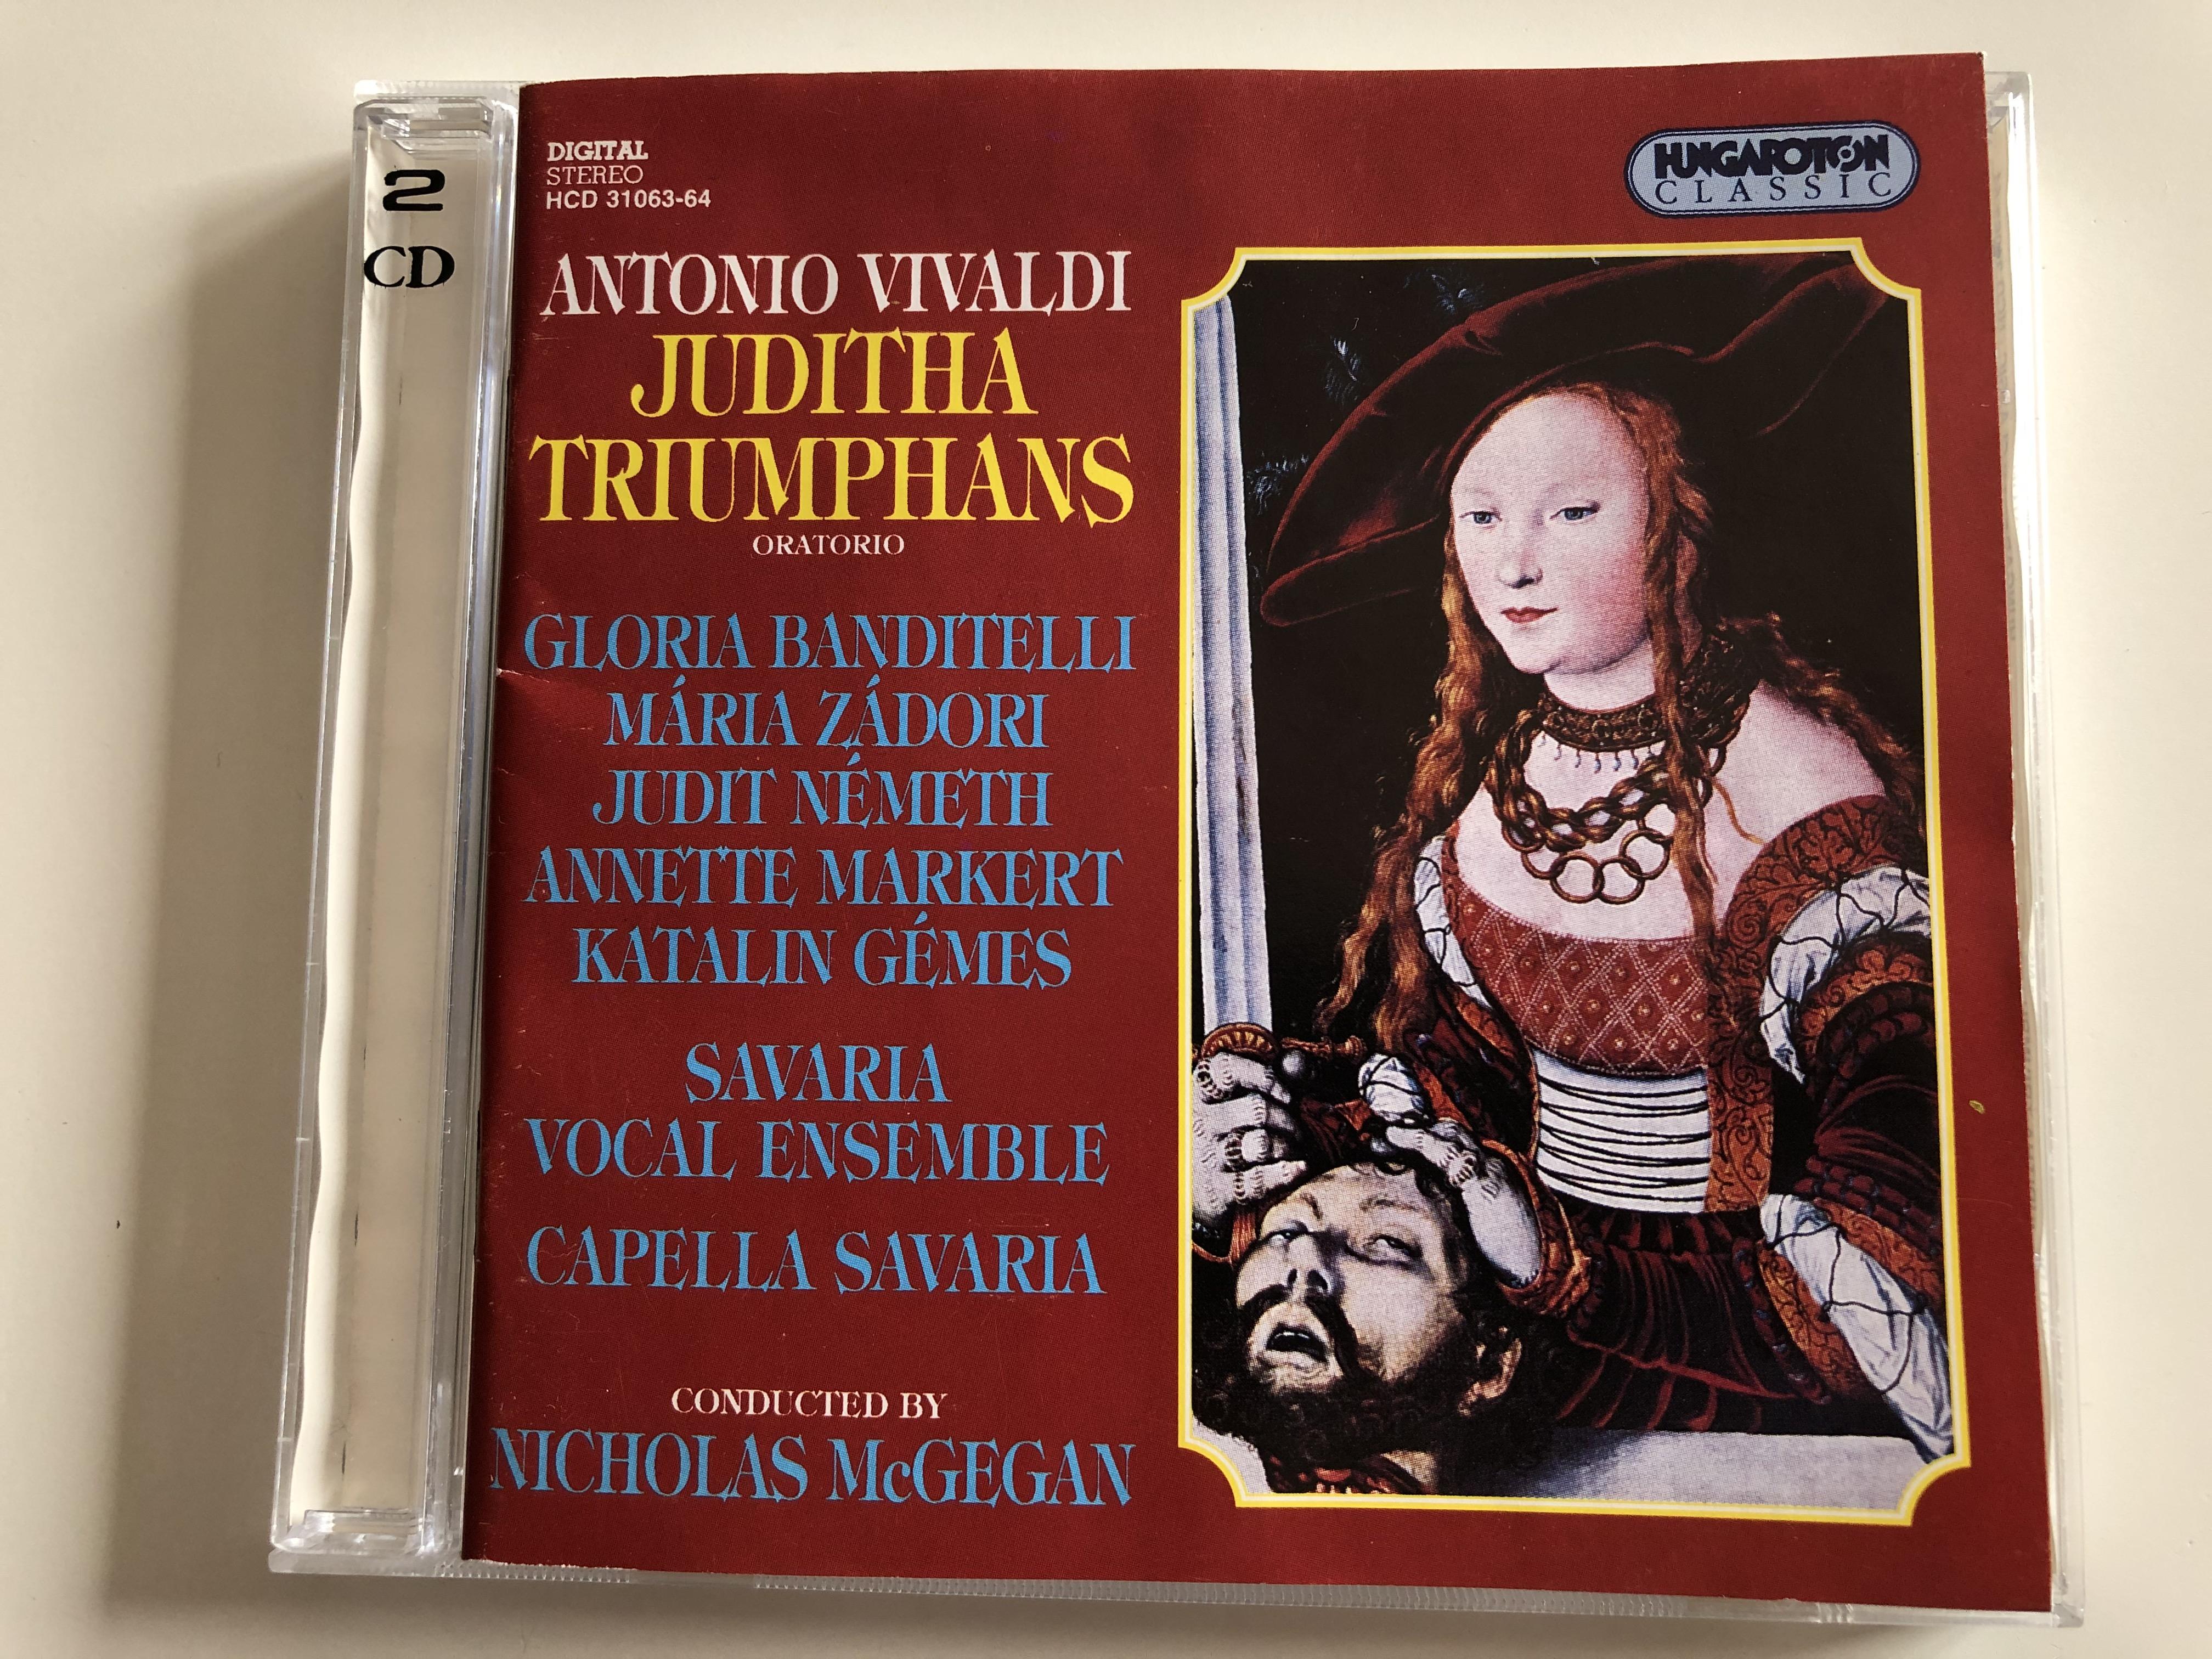 antonio-vivaldi-juditha-triumphans-oratorio-gloria-banditelli-maria-zadori-judit-nemeth-savaria-vocal-ensemble-capella-savaria-conducted-by-nicholas-mcgegan-hungaroton-classic-2x-audi-1-.jpg